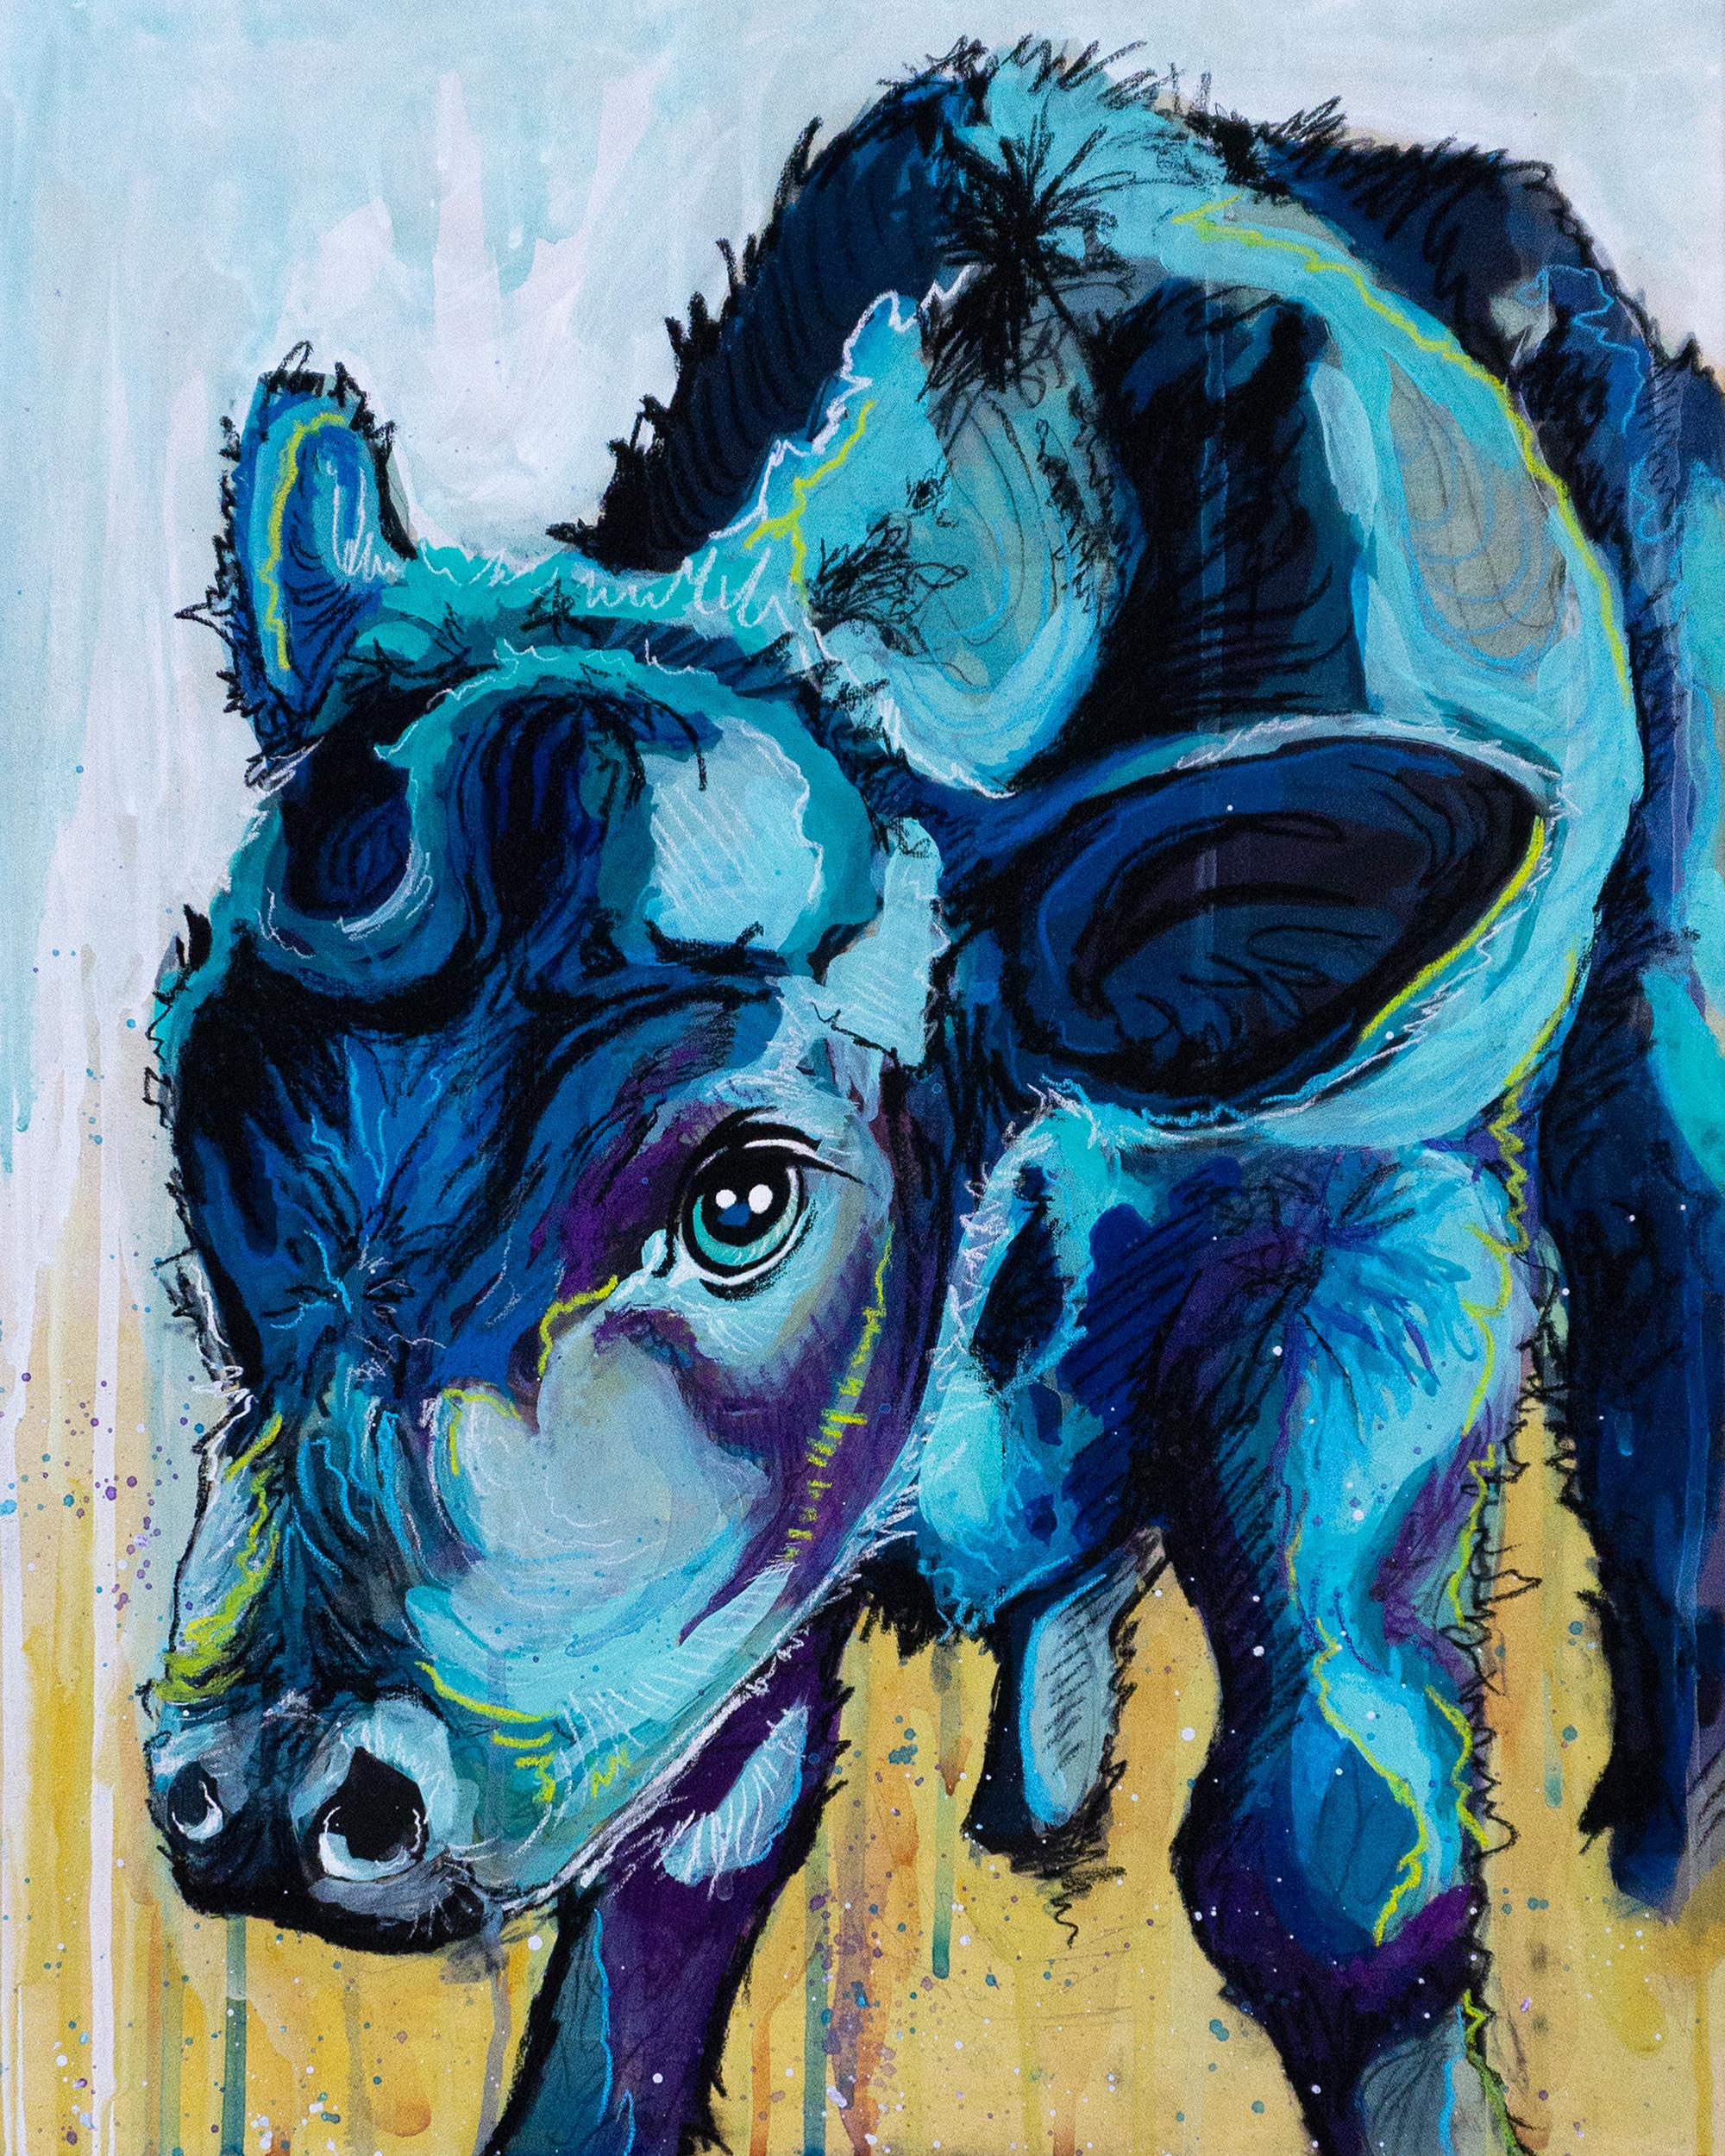 Blue calf final original i9epwu